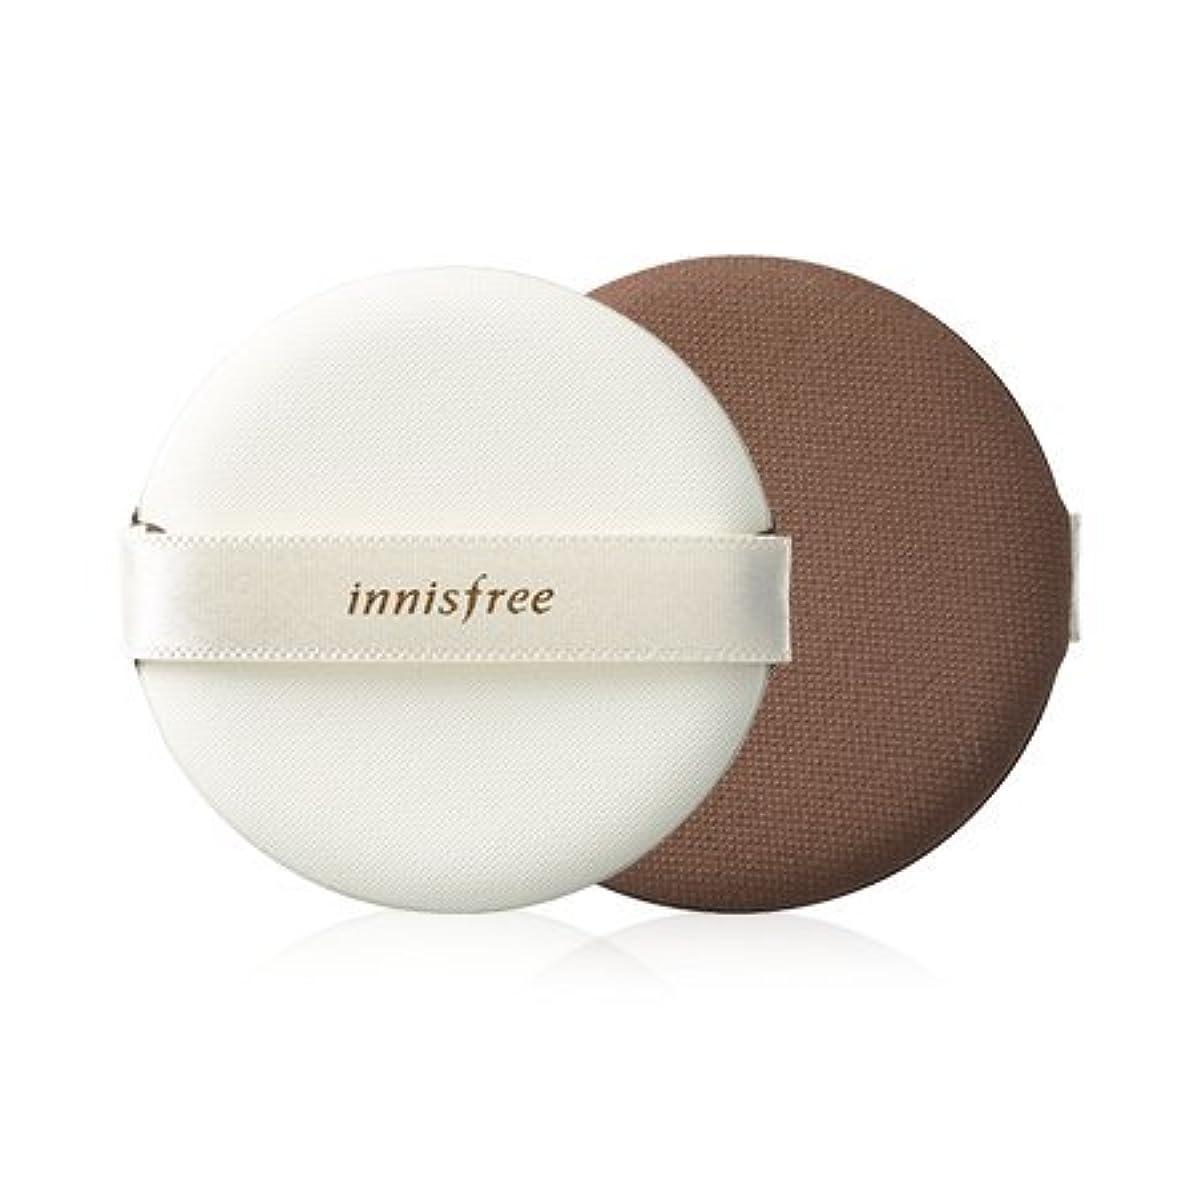 聖なるミケランジェロ信頼性のある【イニスフリー】Innisfree beauty tool air magic puff fitting x10 (韓国直送品) (SHOPPINGINSTAGRAM)